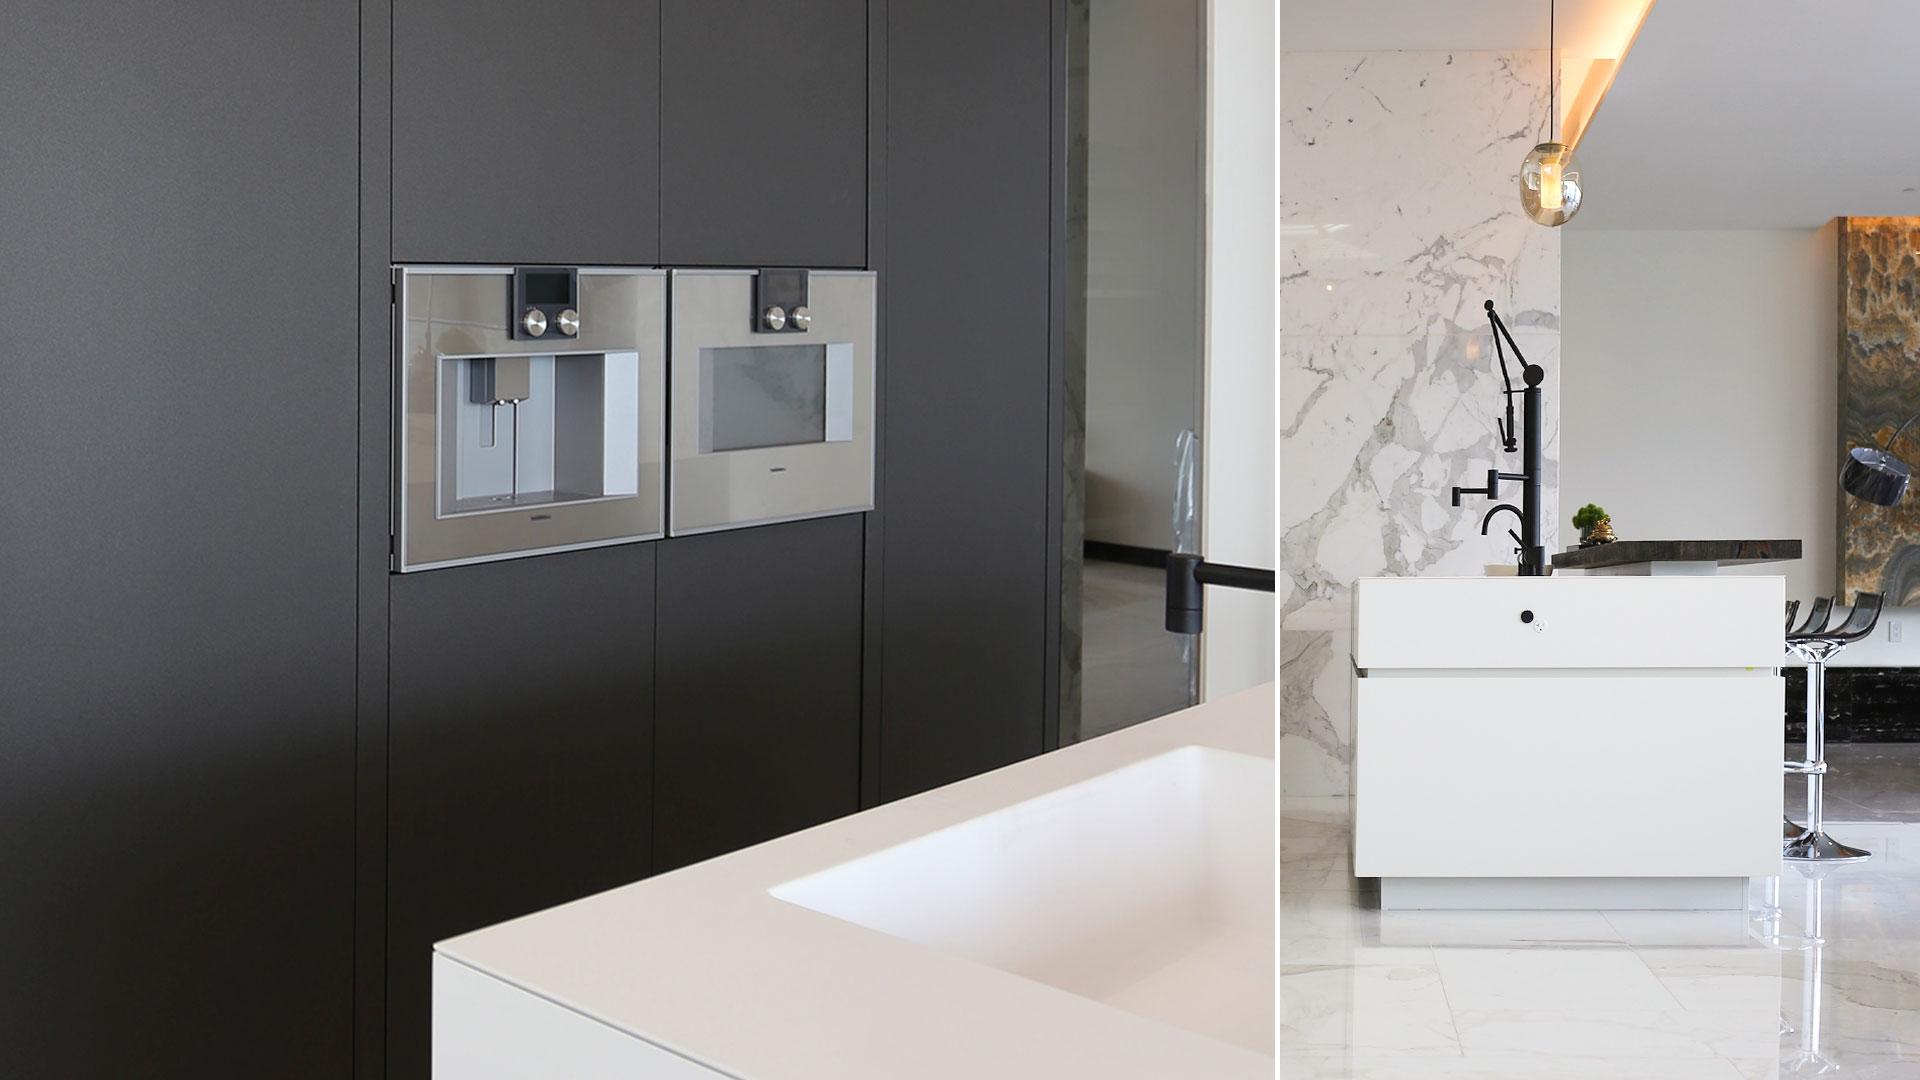 Cucina con isola laccata e lato colonne realizzata da TM Italia a Vancouver - 20190904_TMitalia_realizzazione-003